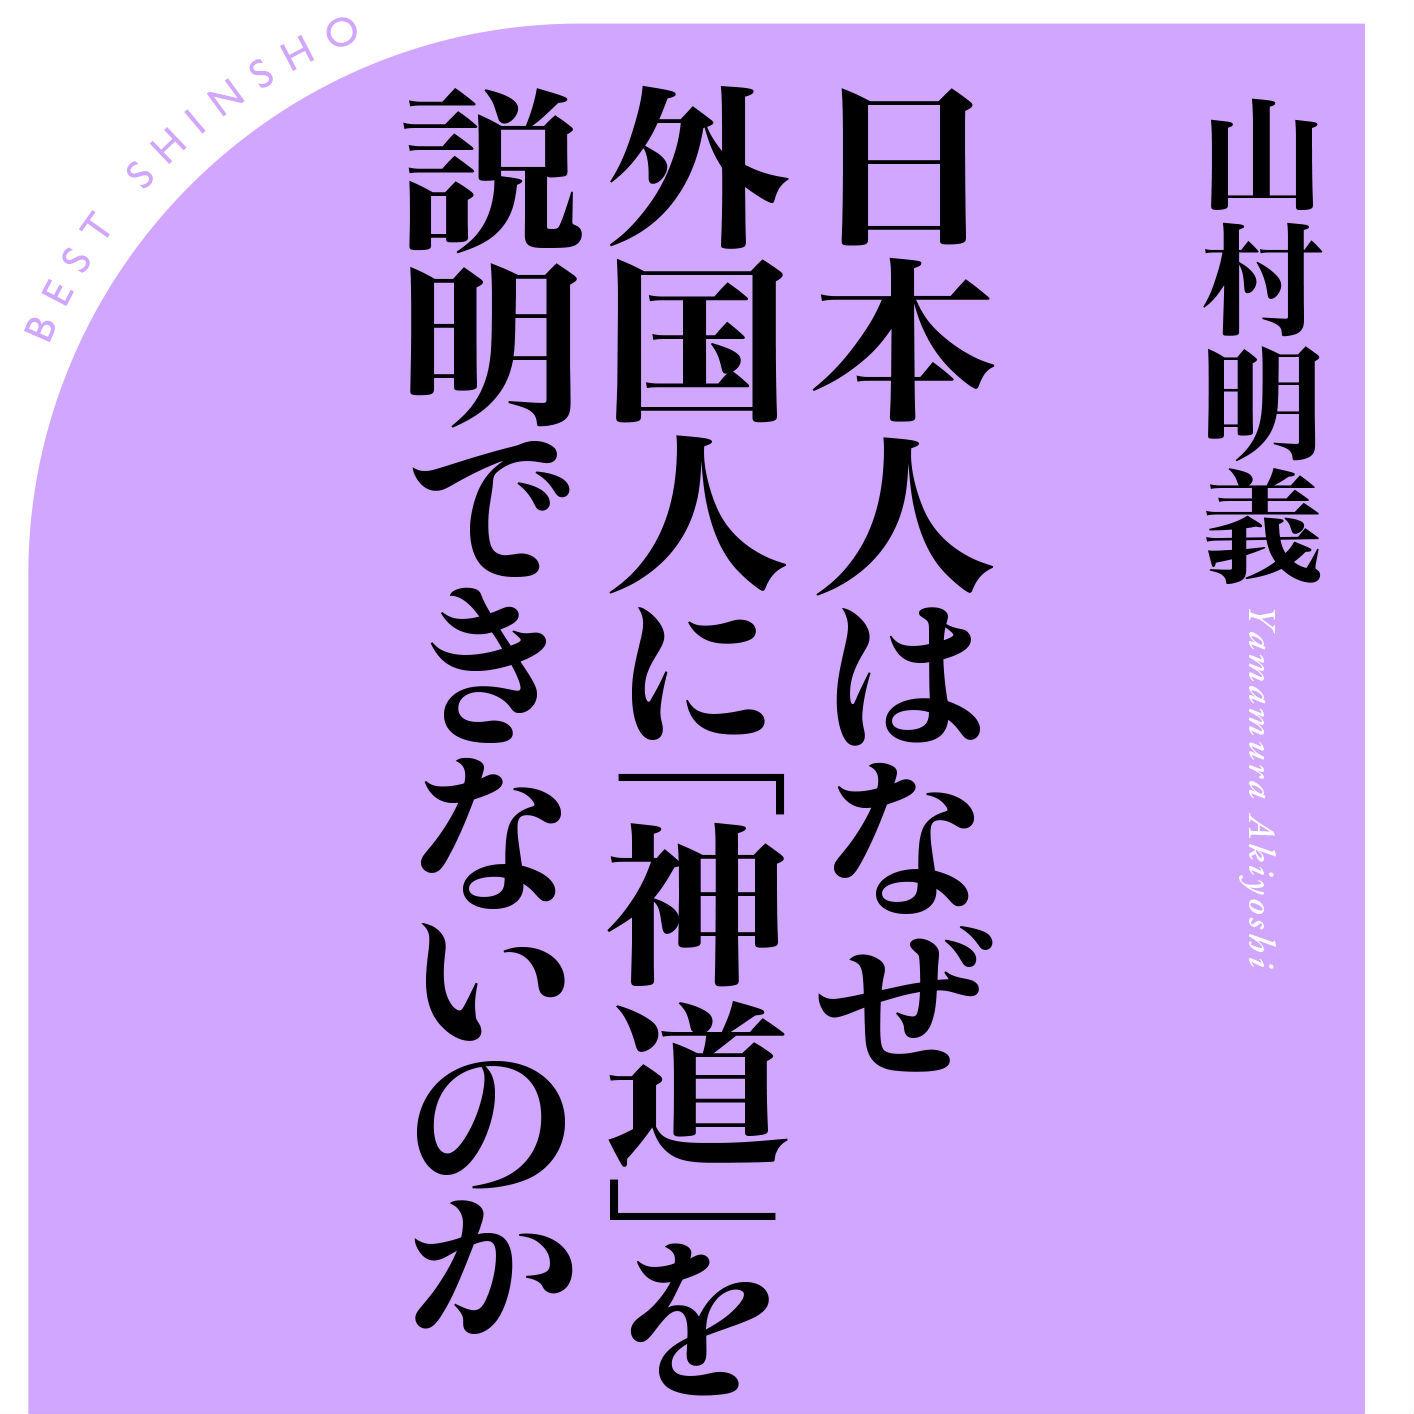 あなたは外国人に「神道」を説明できますか?